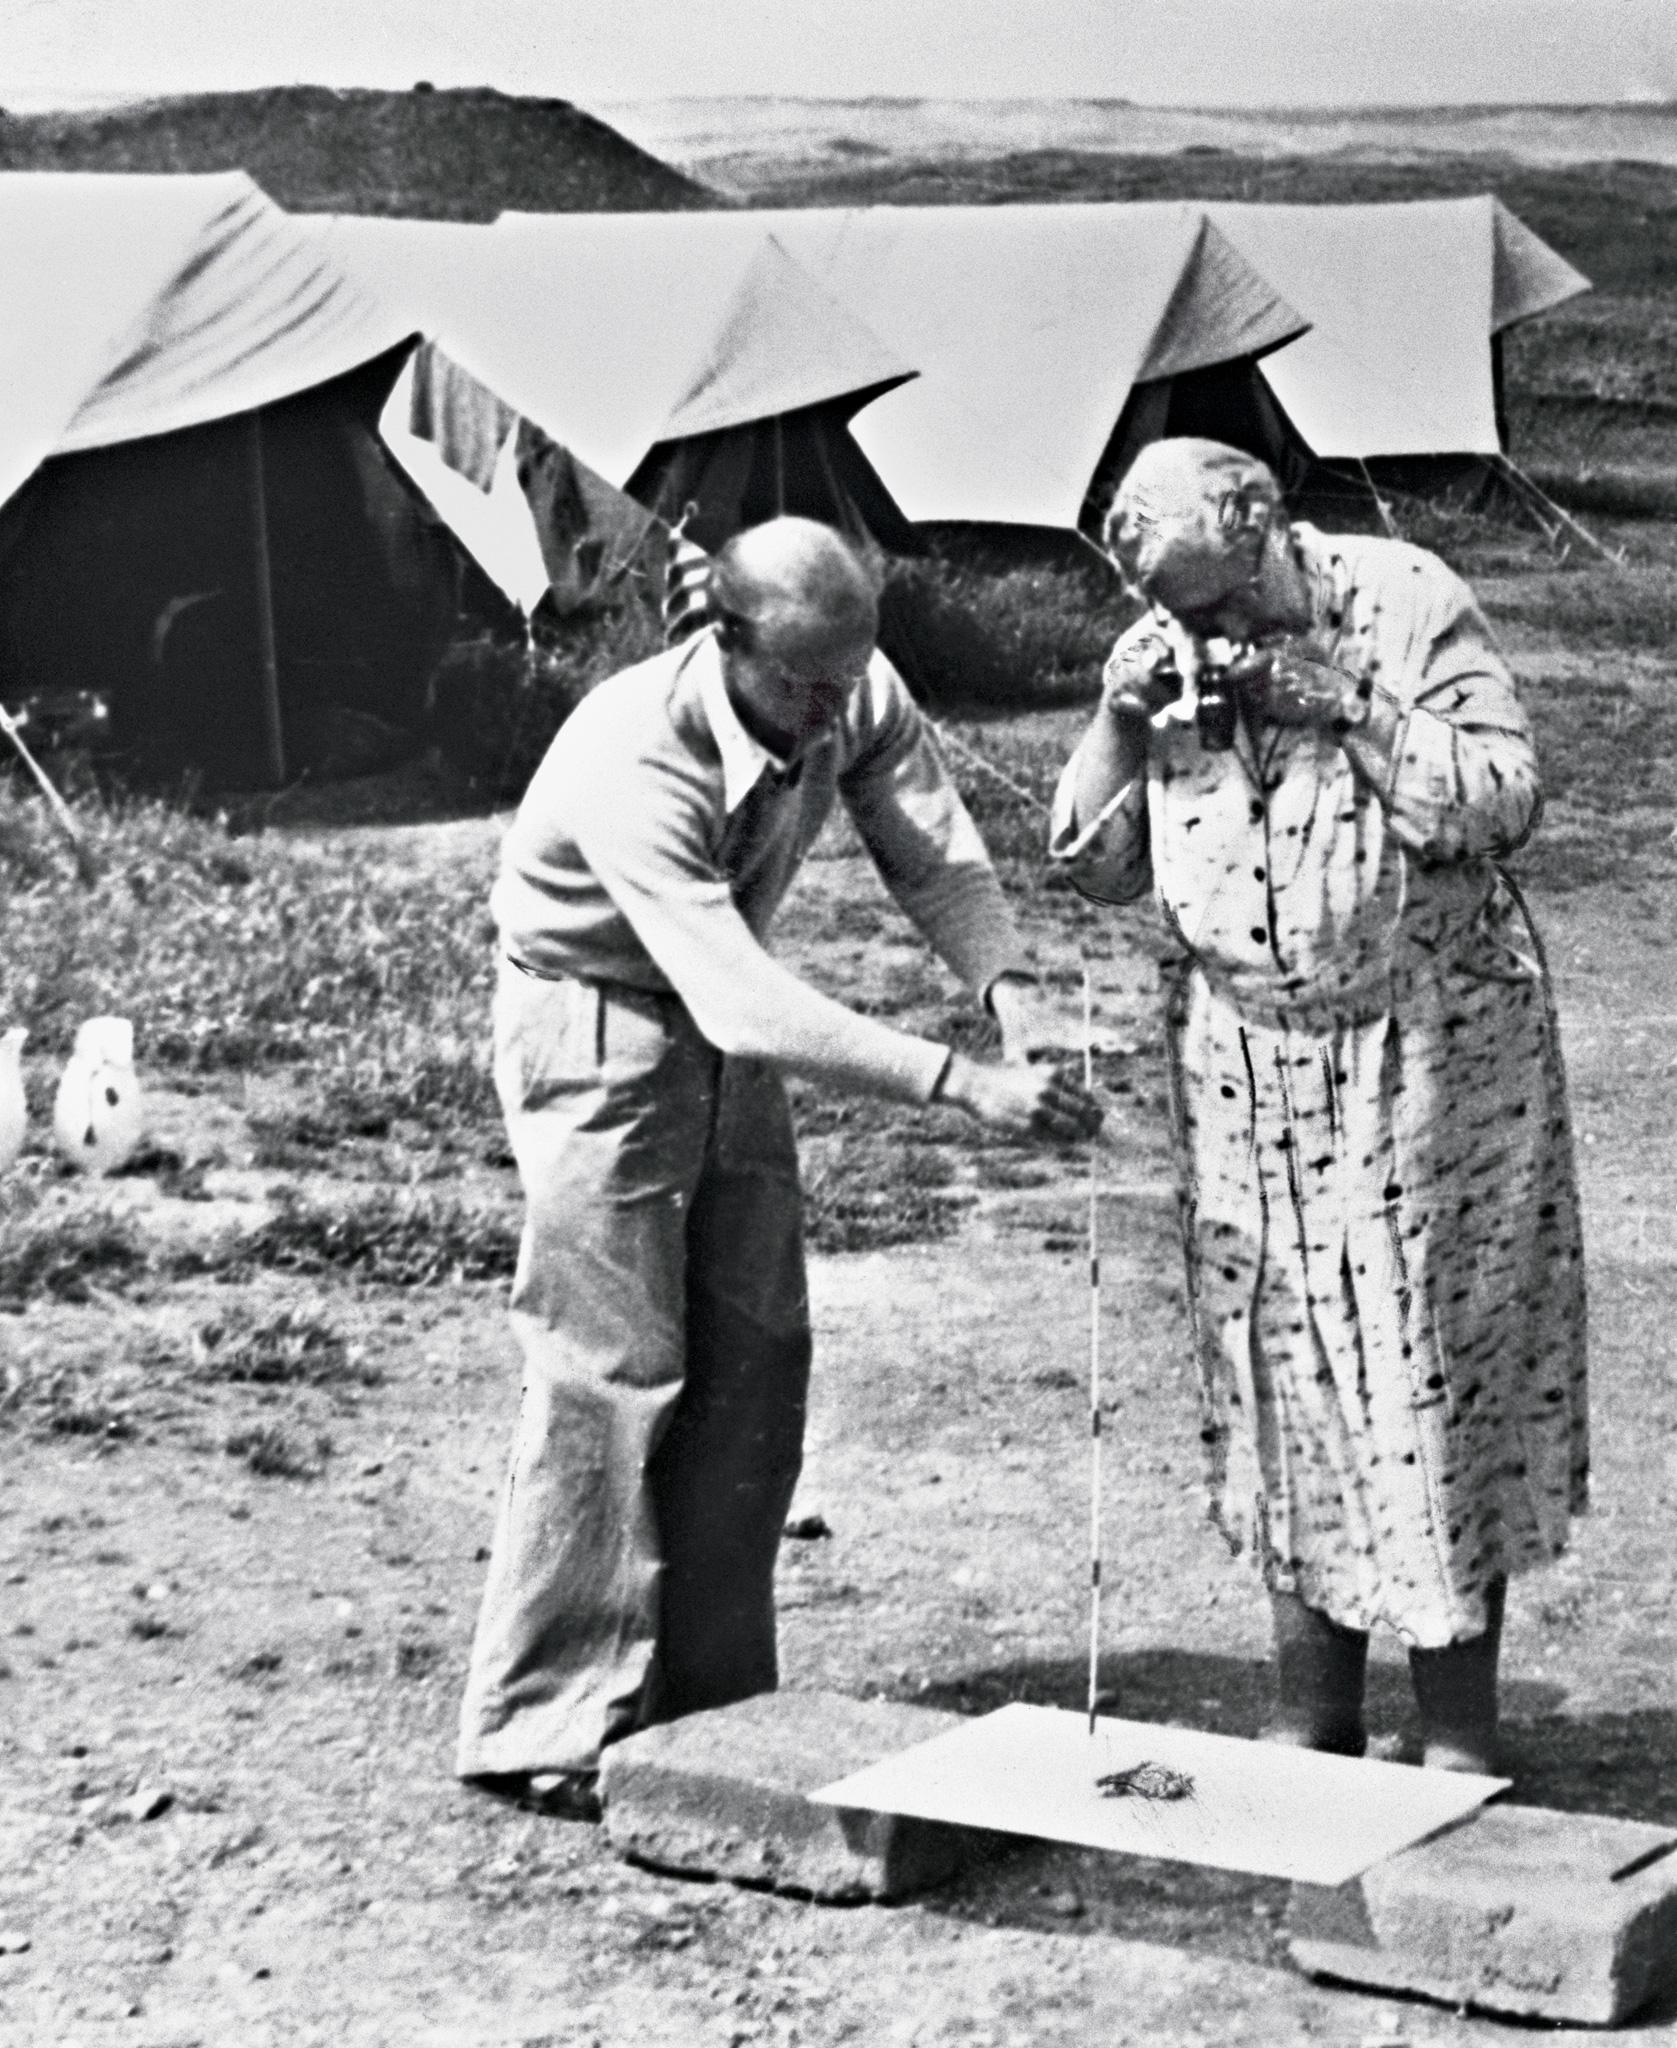 尼姆魯德出土了數千件雕刻精美的象牙製品,阿嘉莎.克莉絲蒂正在拍攝其中一件。許多象牙原本是家具裝飾物,當初作為戰利品或貢品從地中海沿岸附近的城市送到首都。PHOTO: BETTMANN ARCHIVE/GETTY IMAGES